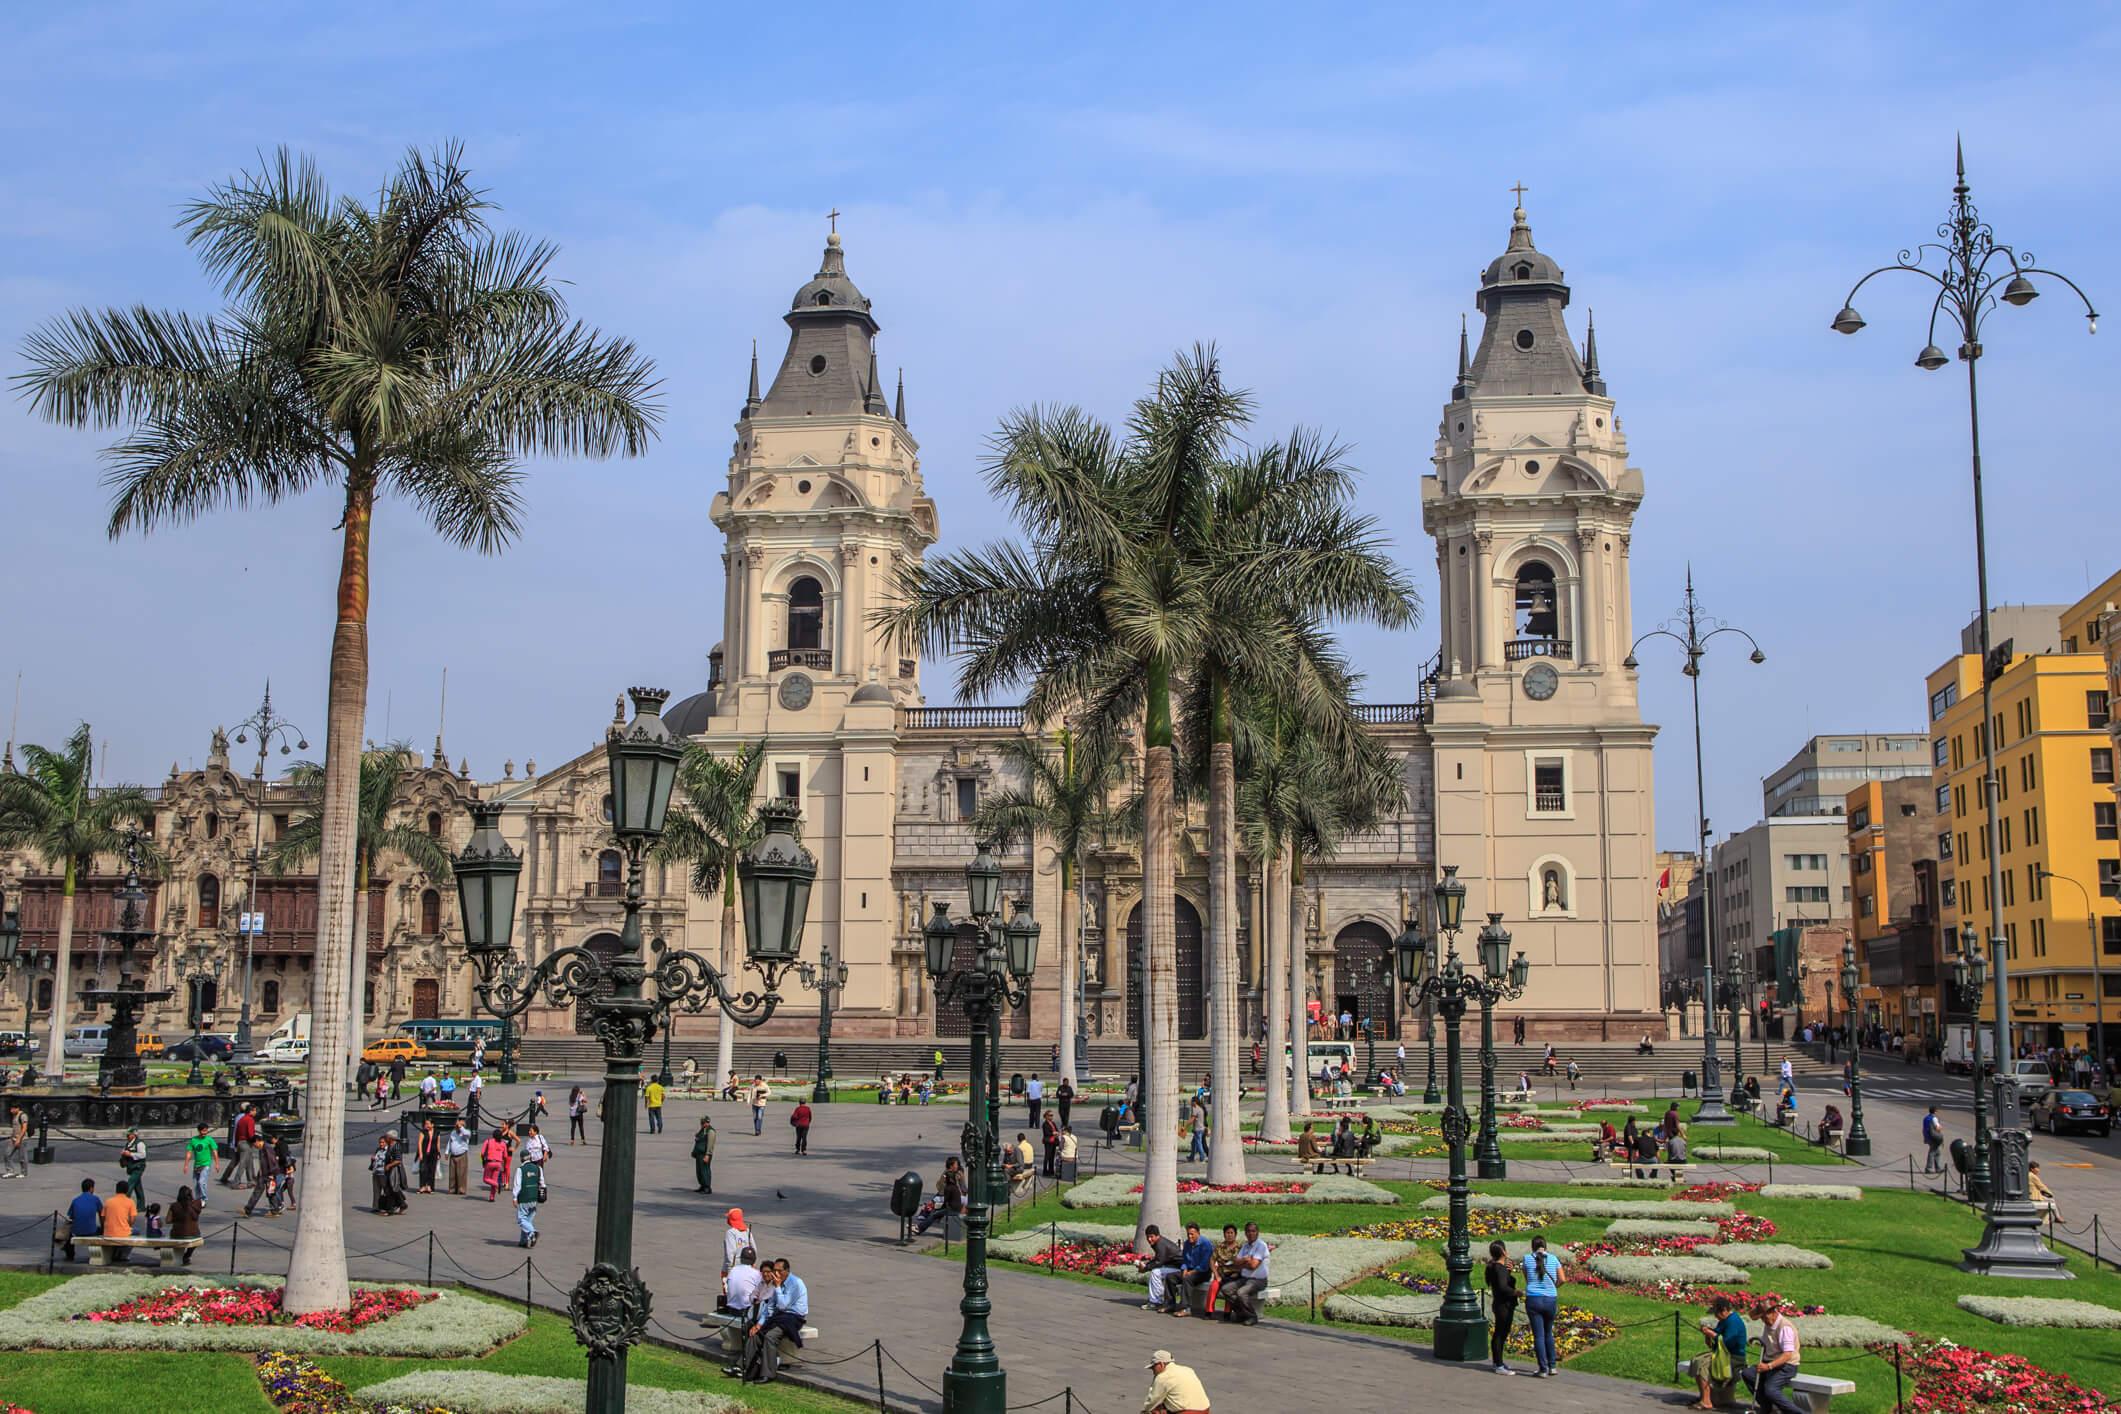 media_gallery-2019-06-20-9-Lima__Peru___the_Plaza_de_Armas_de_Lima_by_day__8444360764__b8c1fcb3cf9e26679a2b69d307beccfc.jpg